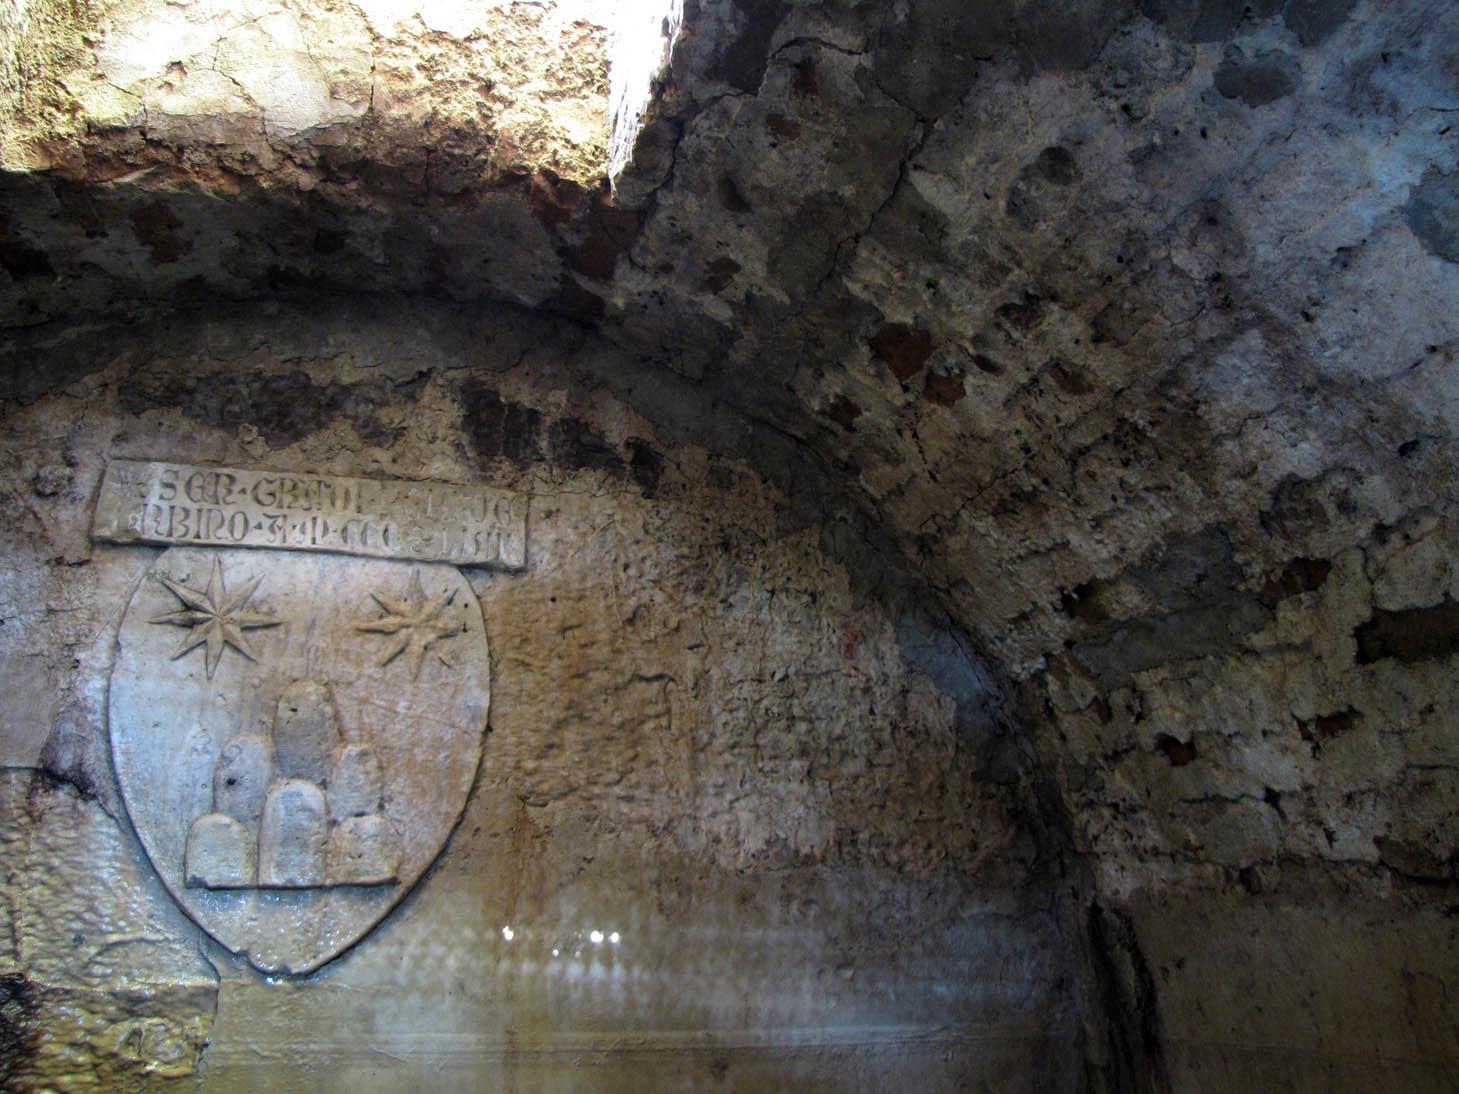 L'interno della fonte con lo stemma e l'iscrizione di Ser Gradolus